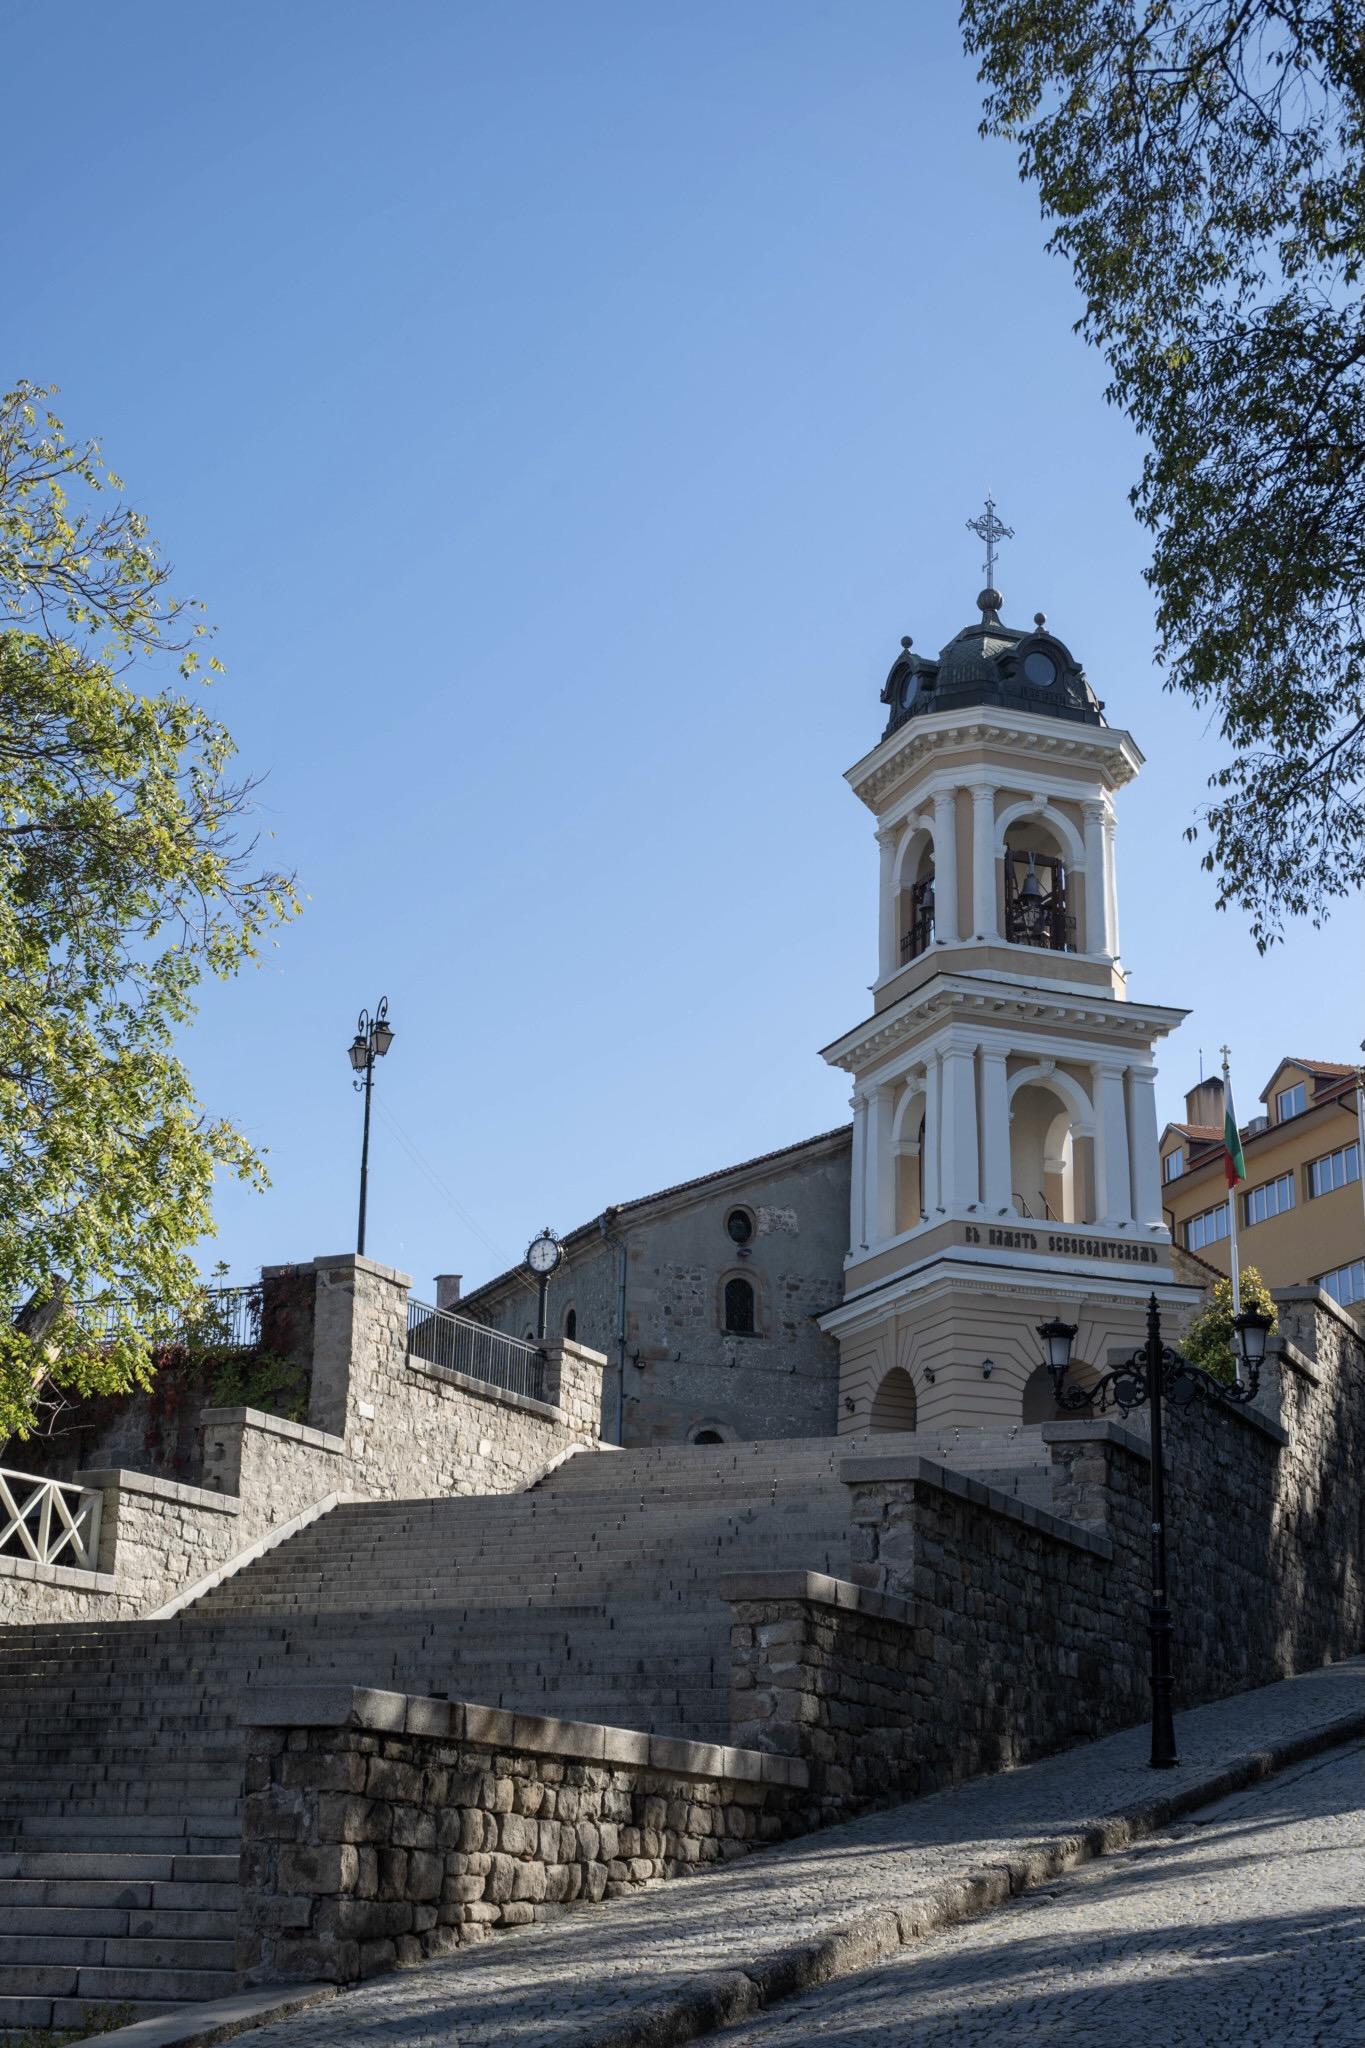 Ein Städtetrip in Europa nach Plovdiv führt einen zu schönen Kirchen